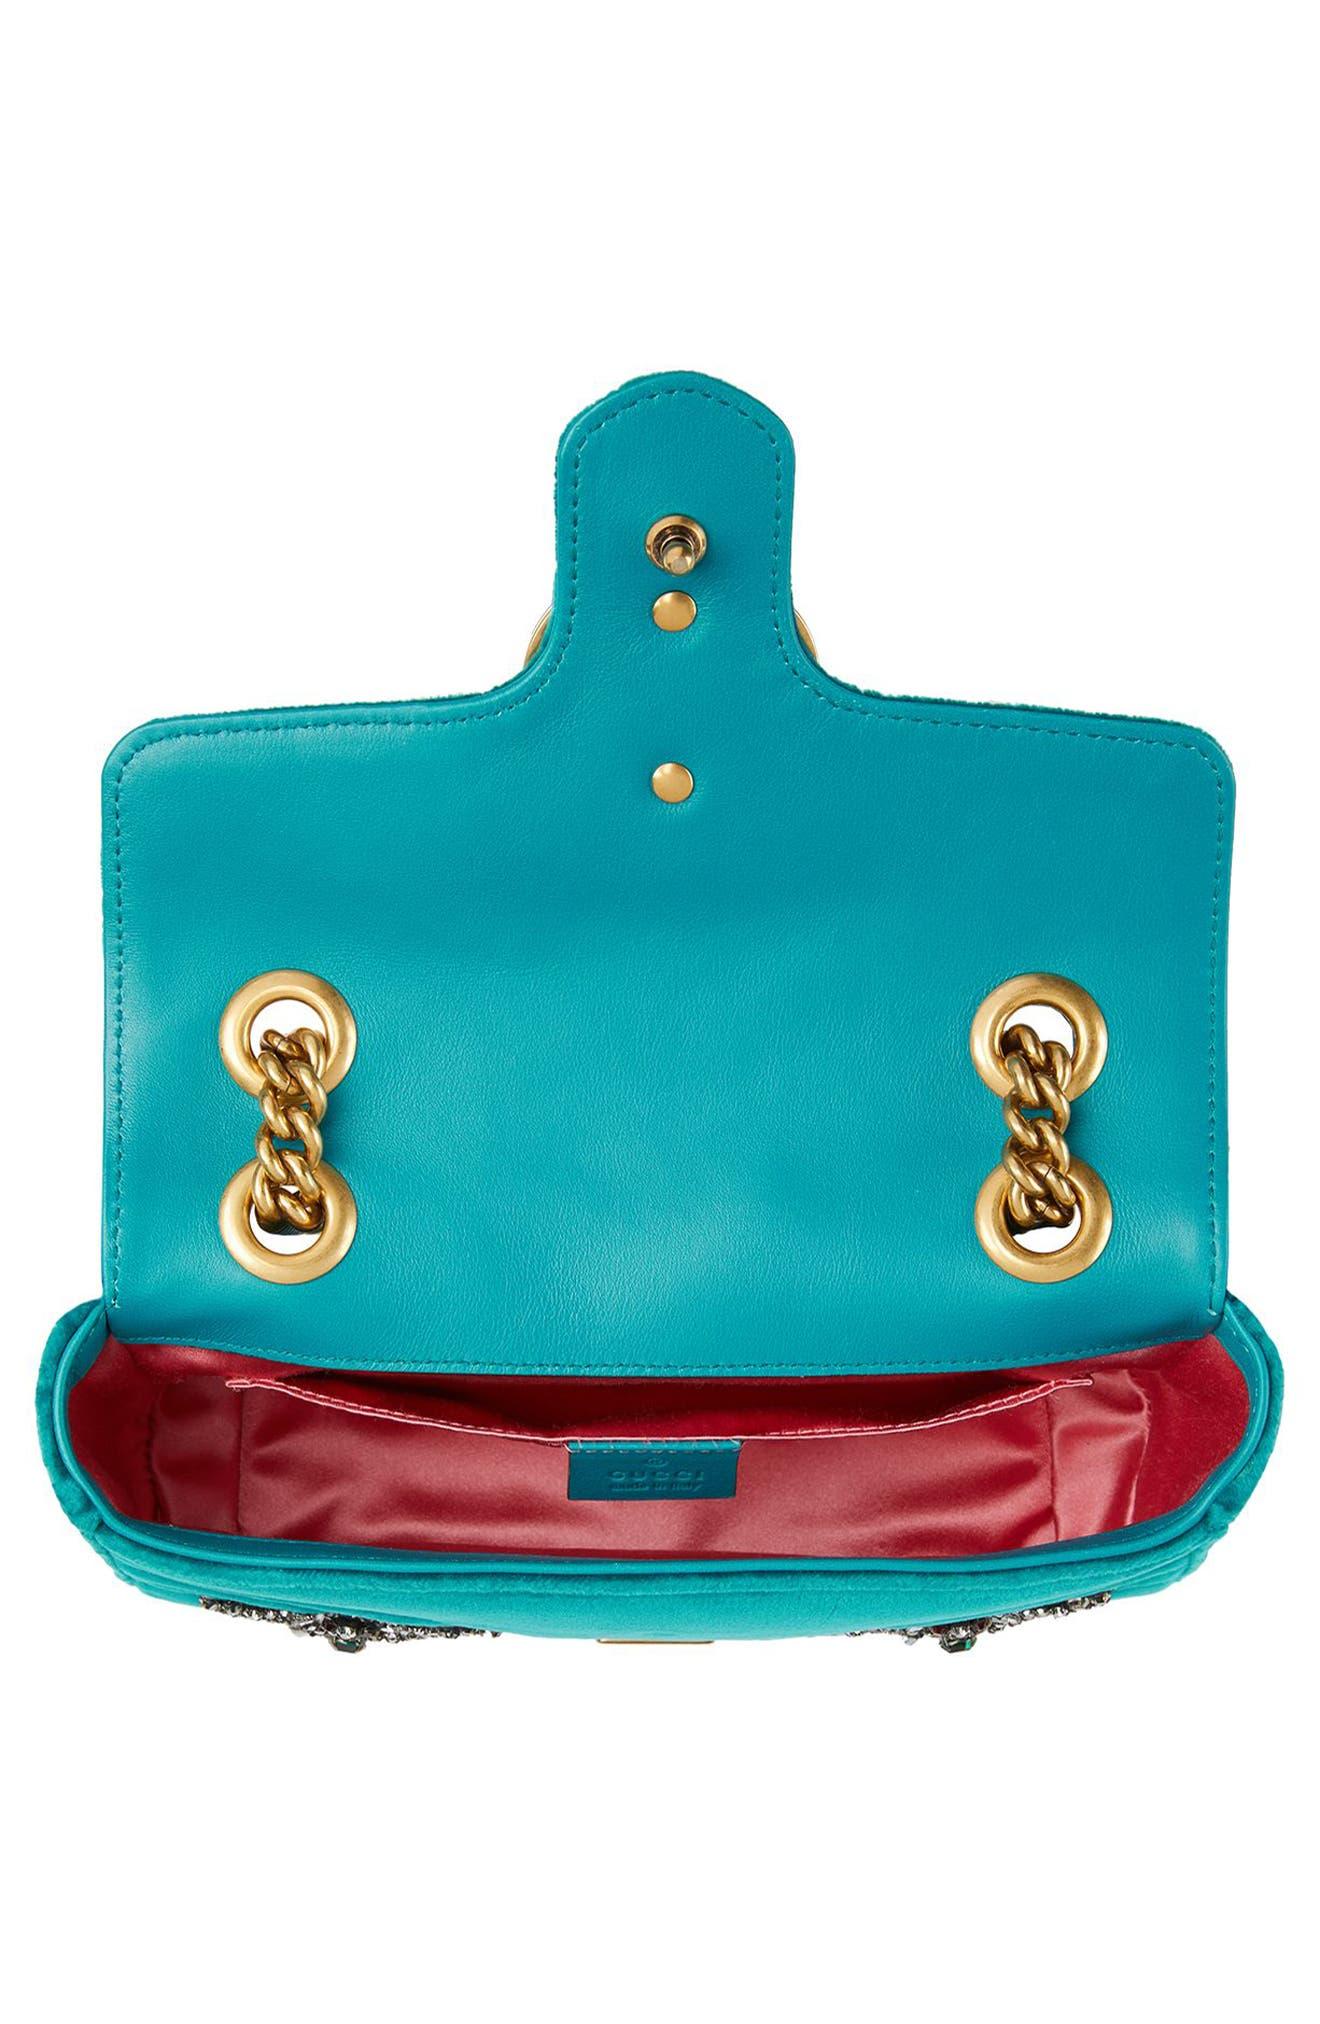 Mini GG Marmont Matelassé Velvet Shoulder Bag,                             Alternate thumbnail 3, color,                             Pivone